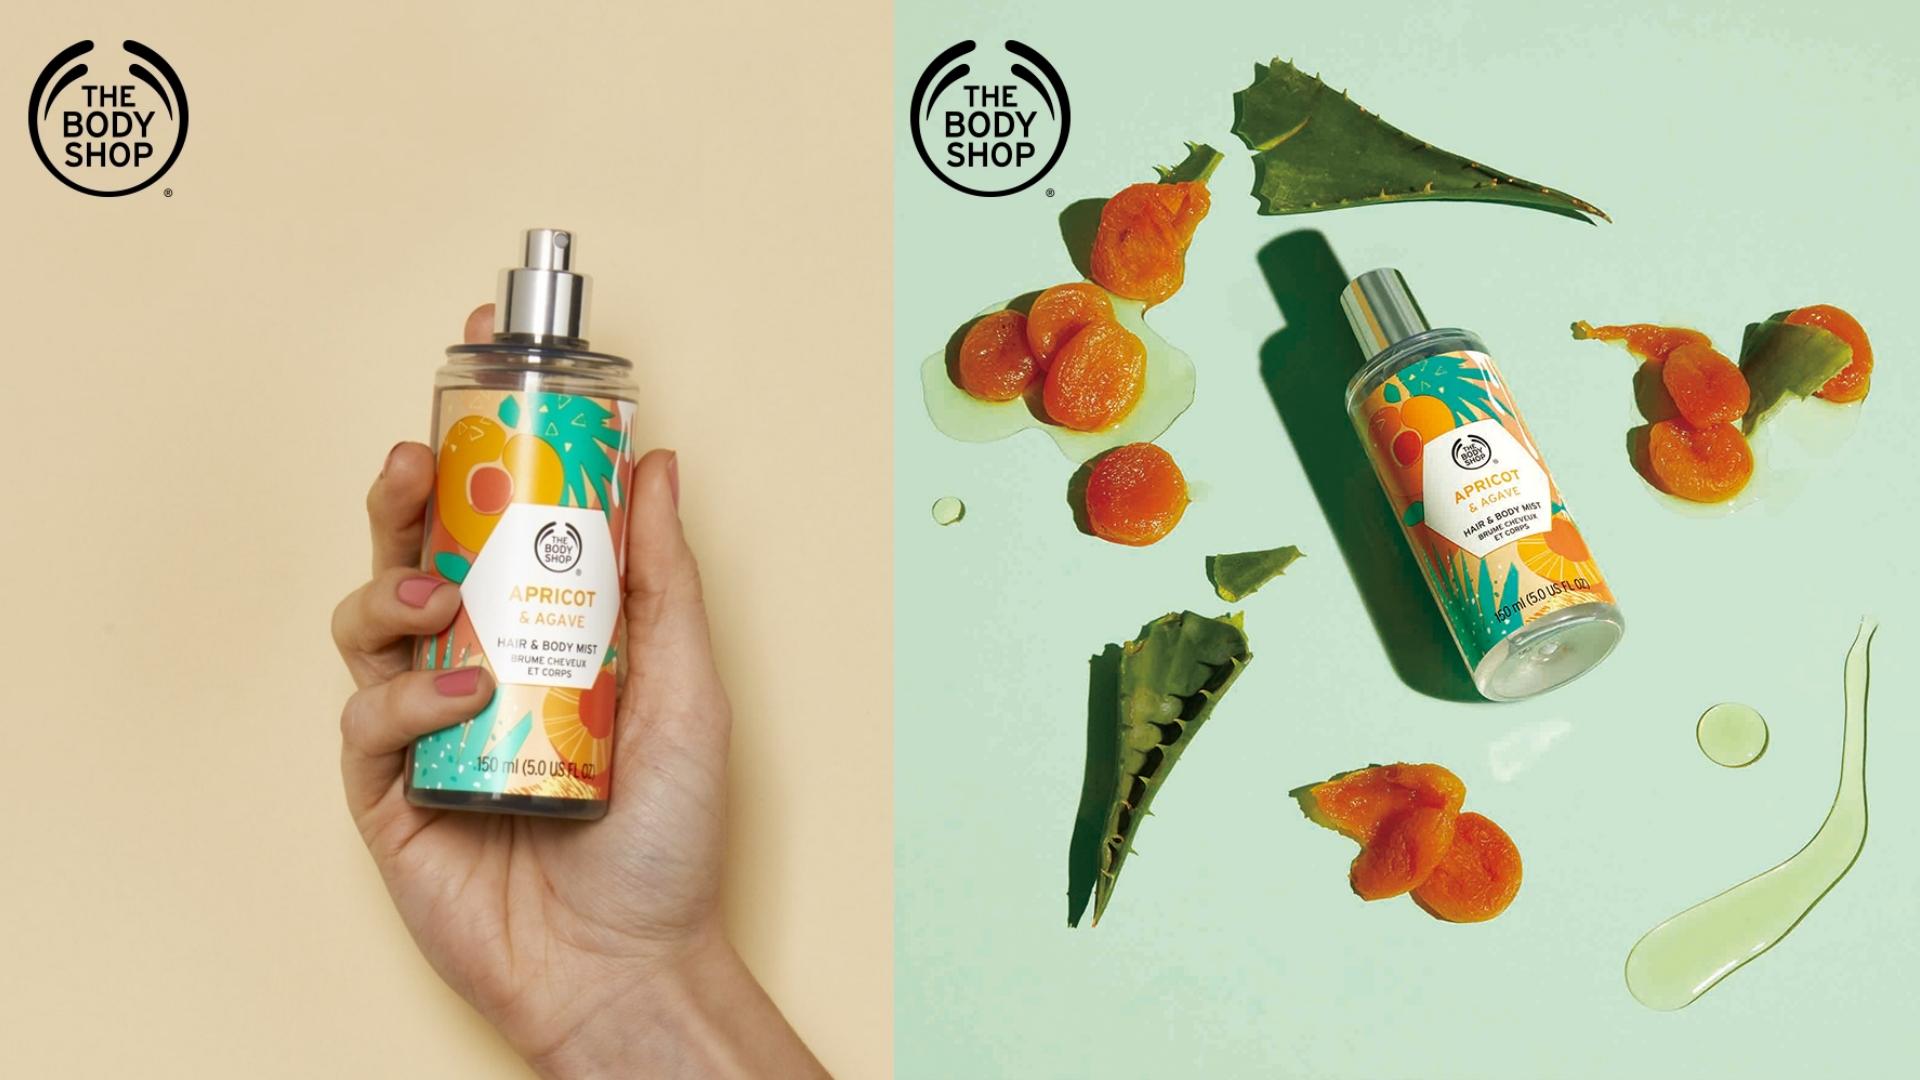 這款就是融合鮮甜杏桃及龍舌蘭香調,天然純淨的植物性酒精,溫和無負擔。以花果香調為主, 可去除異味、 清新留香